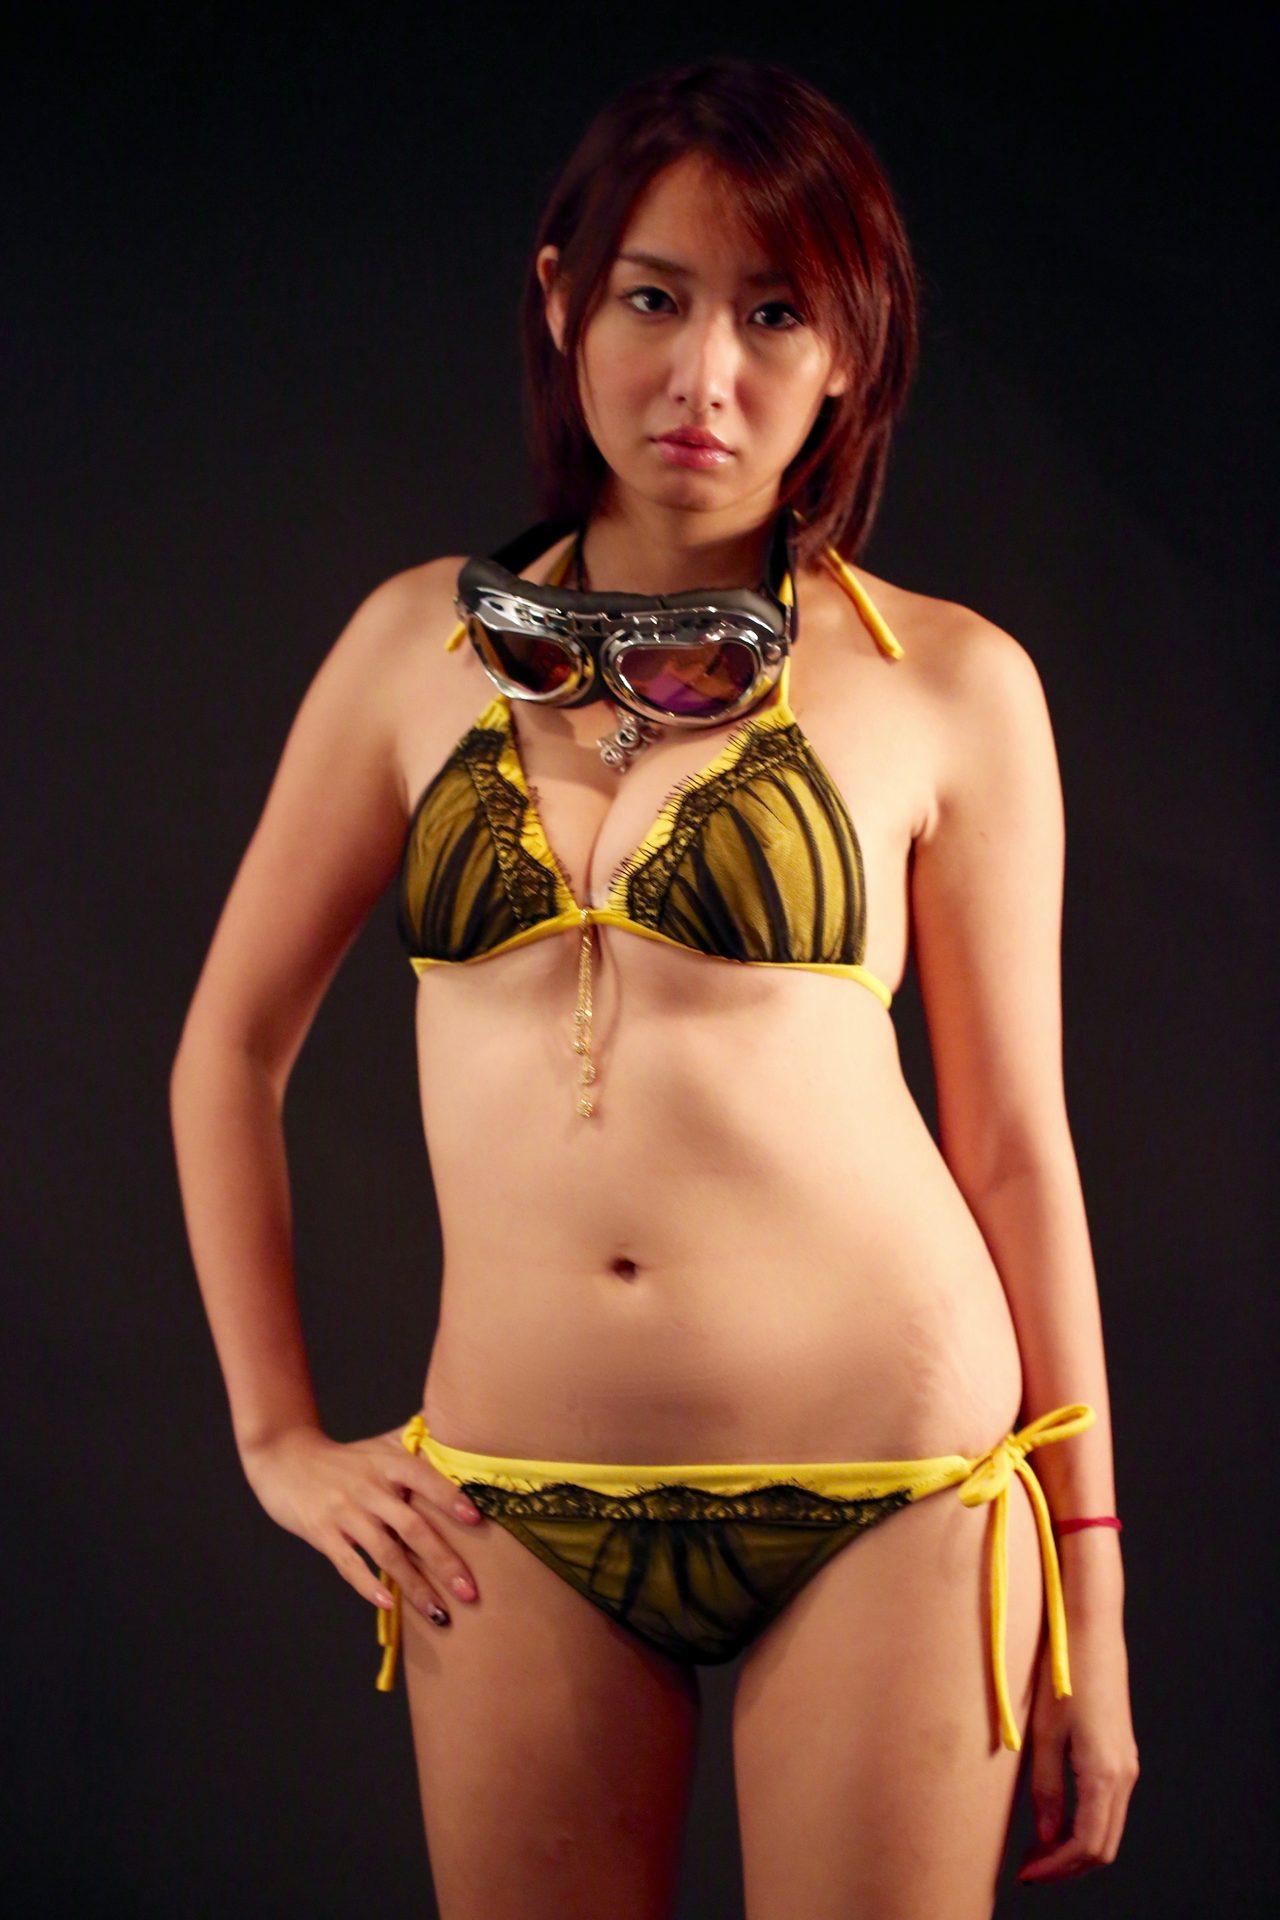 画像2: グラビア【ヘルメット女子】SEASON-XIII 018 素顔編